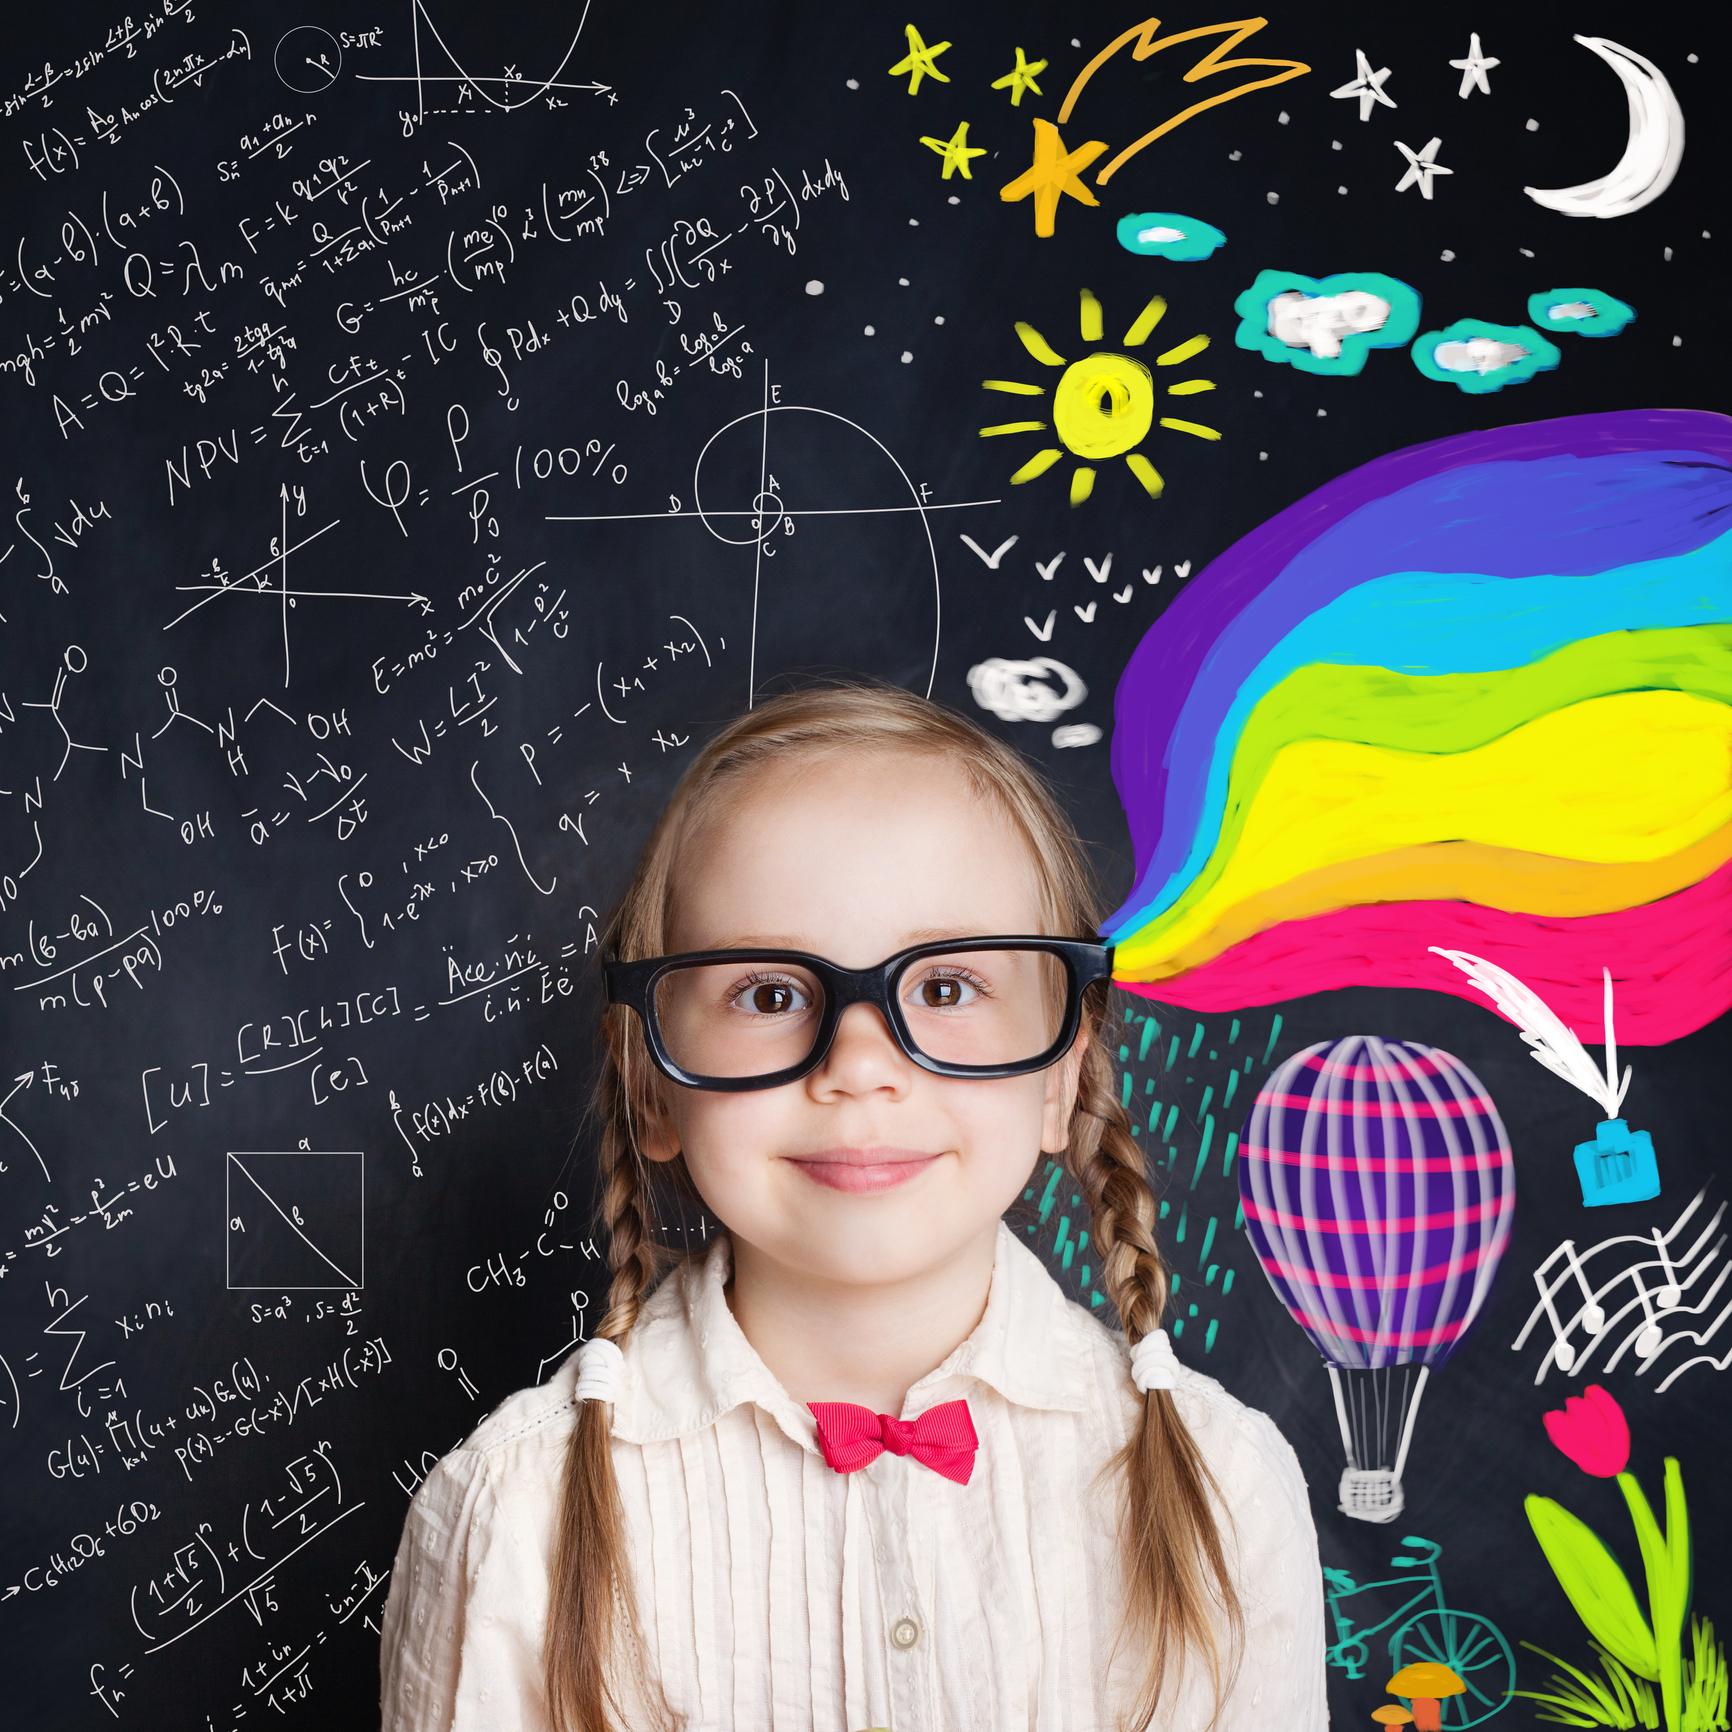 """Някои от нас са """"левичари"""" а други """"десничари"""", според това, коя част от мозъка си използват повече. От това зависи и методът на учене, който най-много ни пасва."""